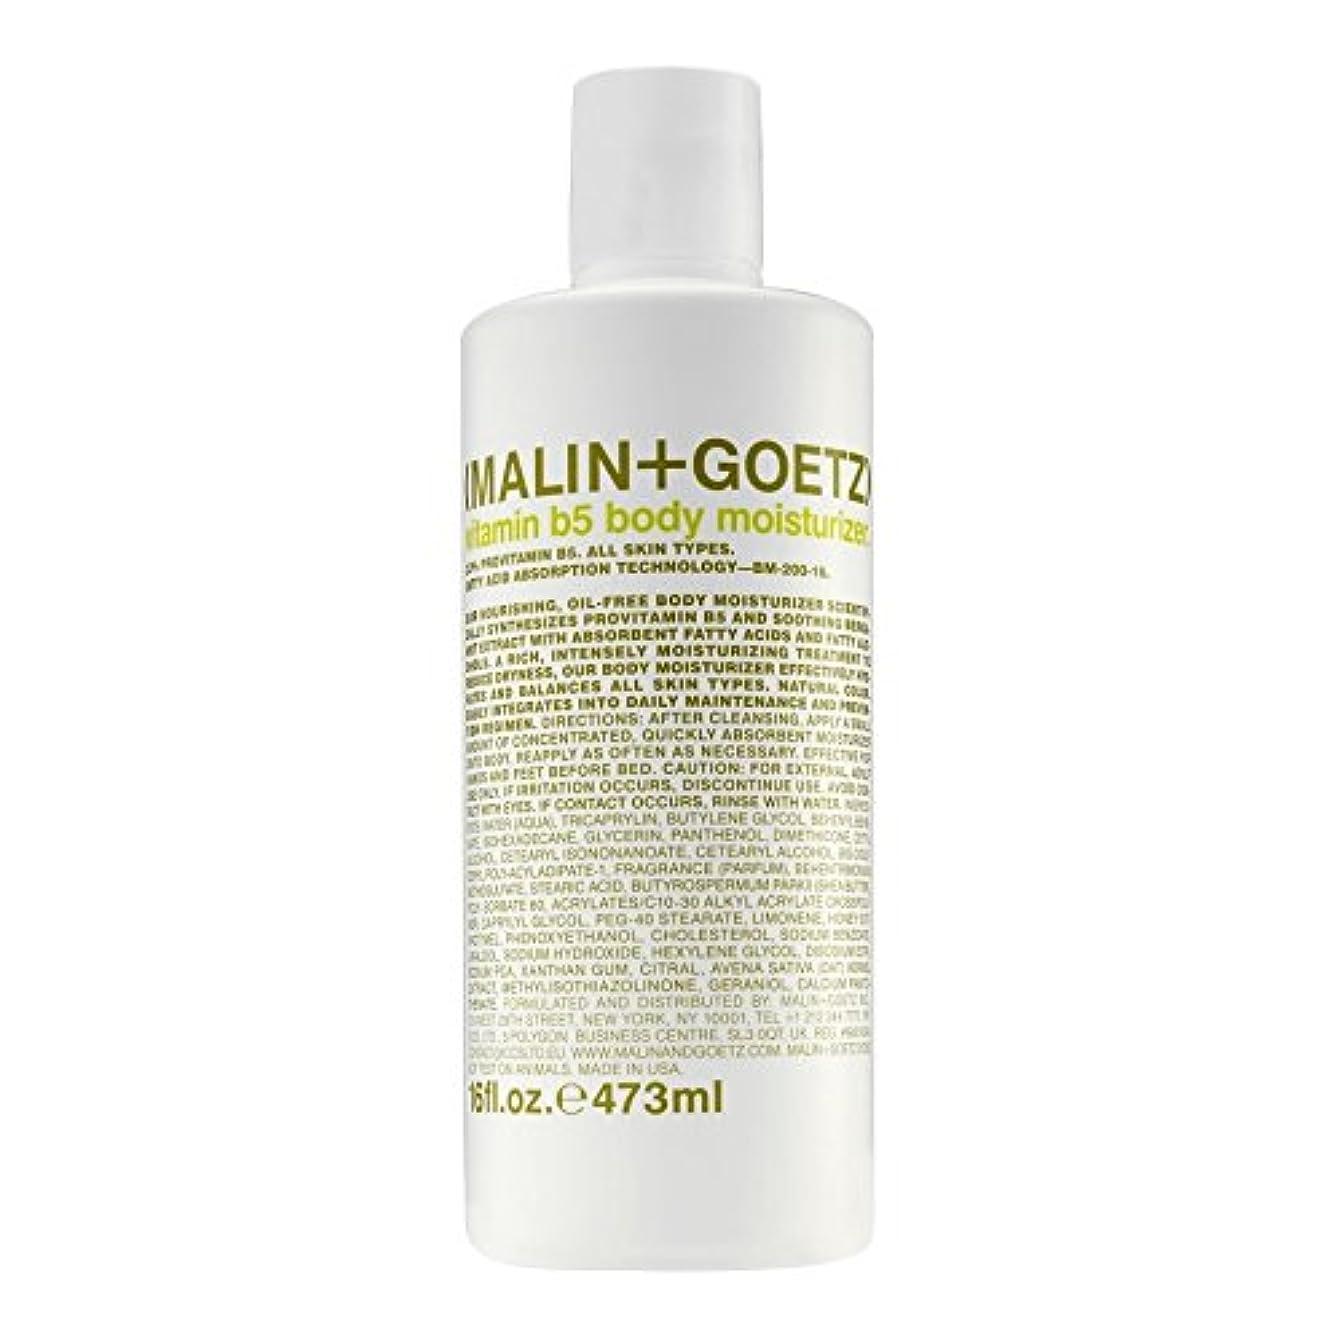 合成ブラウズファンネルウェブスパイダーマリン+ゲッツビタミン5ボディモイスチャライザーの473ミリリットル x4 - MALIN+GOETZ Vitamin B5 Body Moisturiser 473ml (Pack of 4) [並行輸入品]